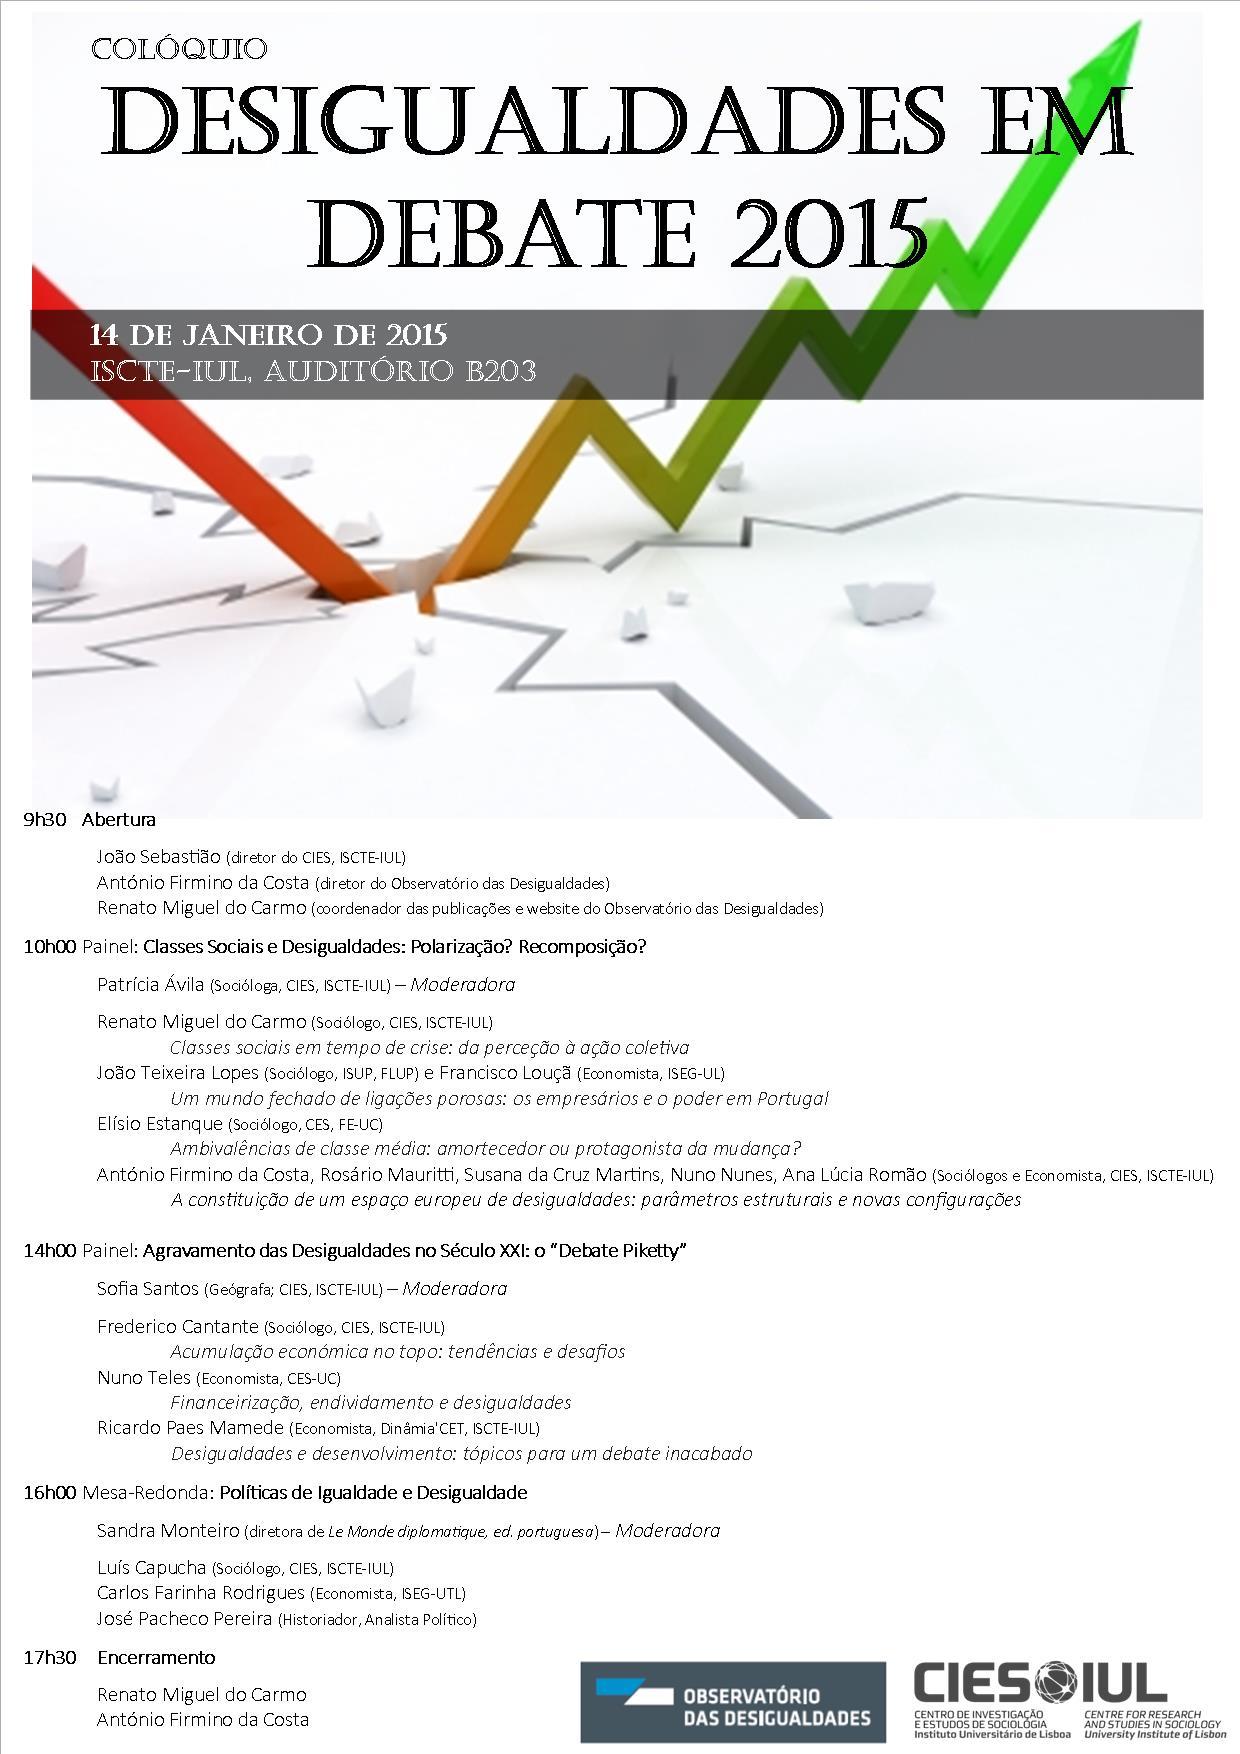 coloquio_desigualdades2015 - 1